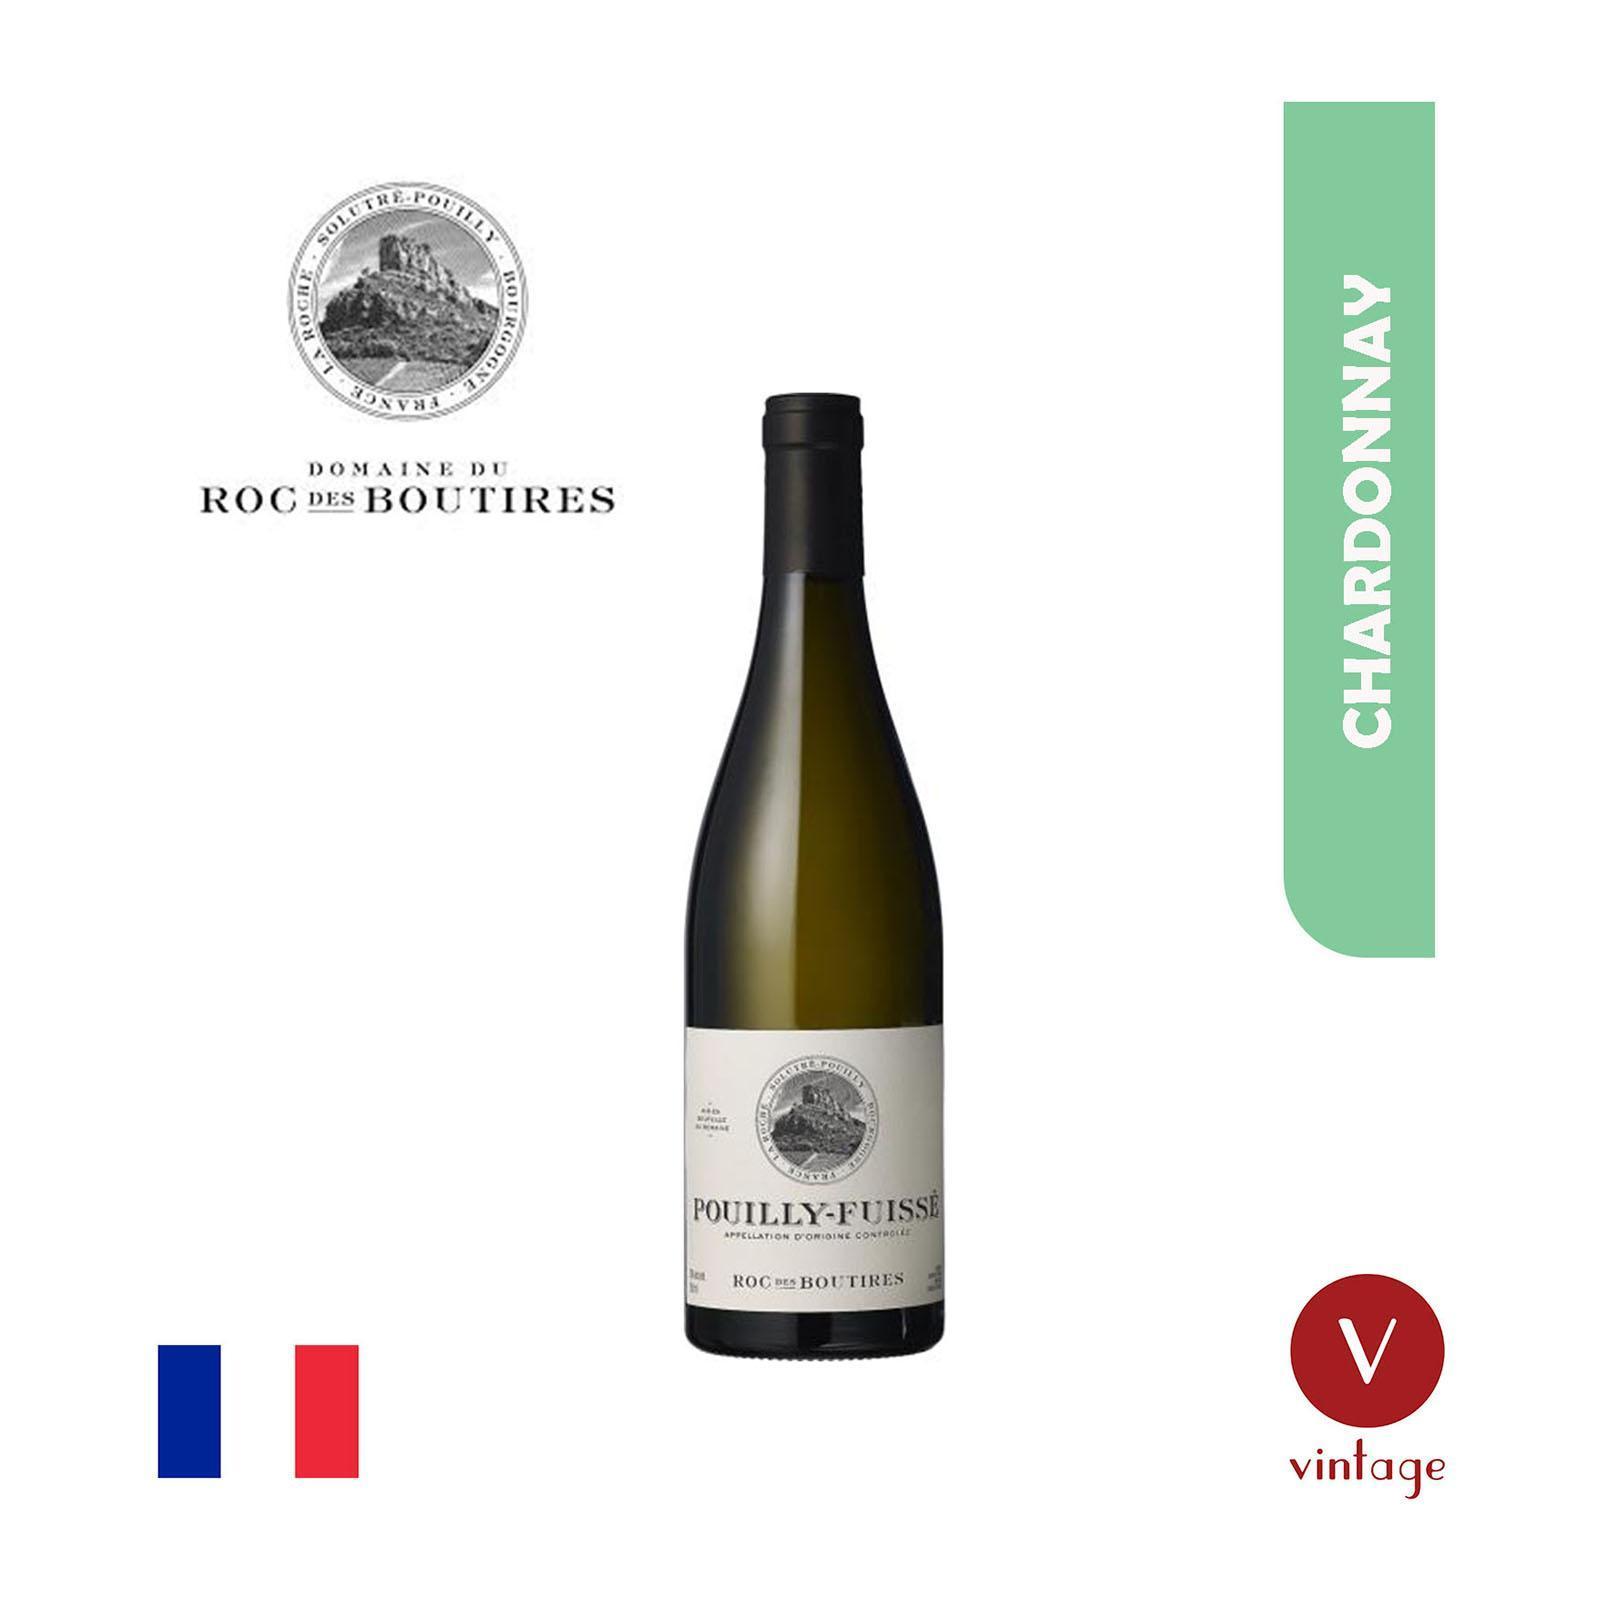 Domaine du Roc des Boutires Domaine Roc des Boutires - Pouilly Fuisse - White Wine